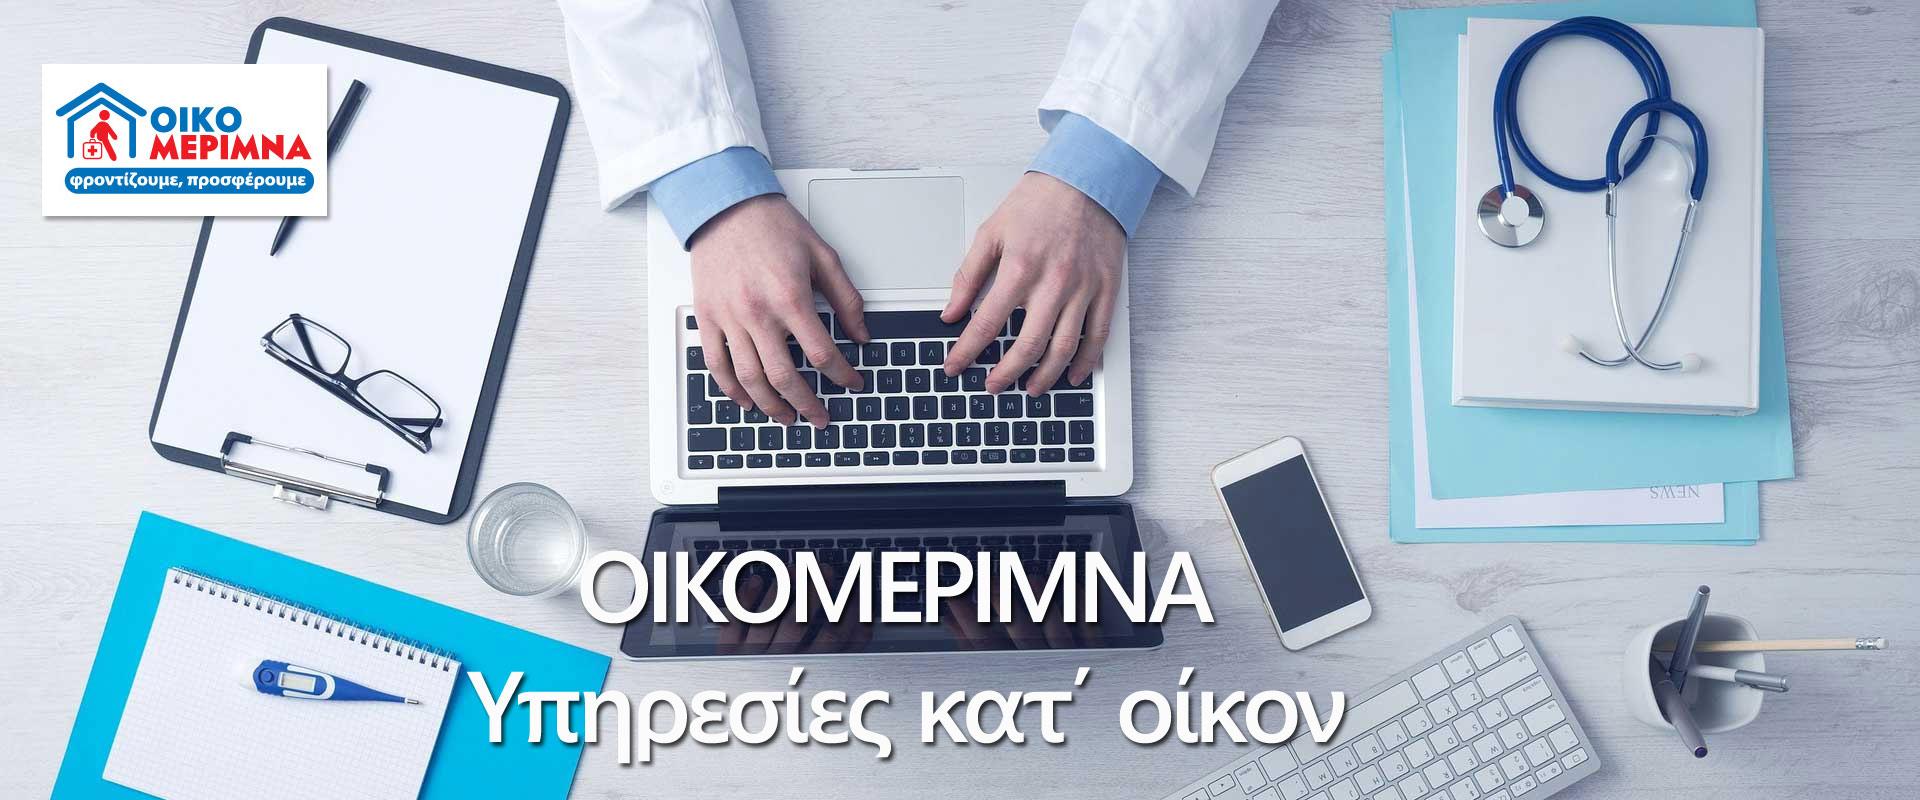 Νοσηλεία στο Σπίτι